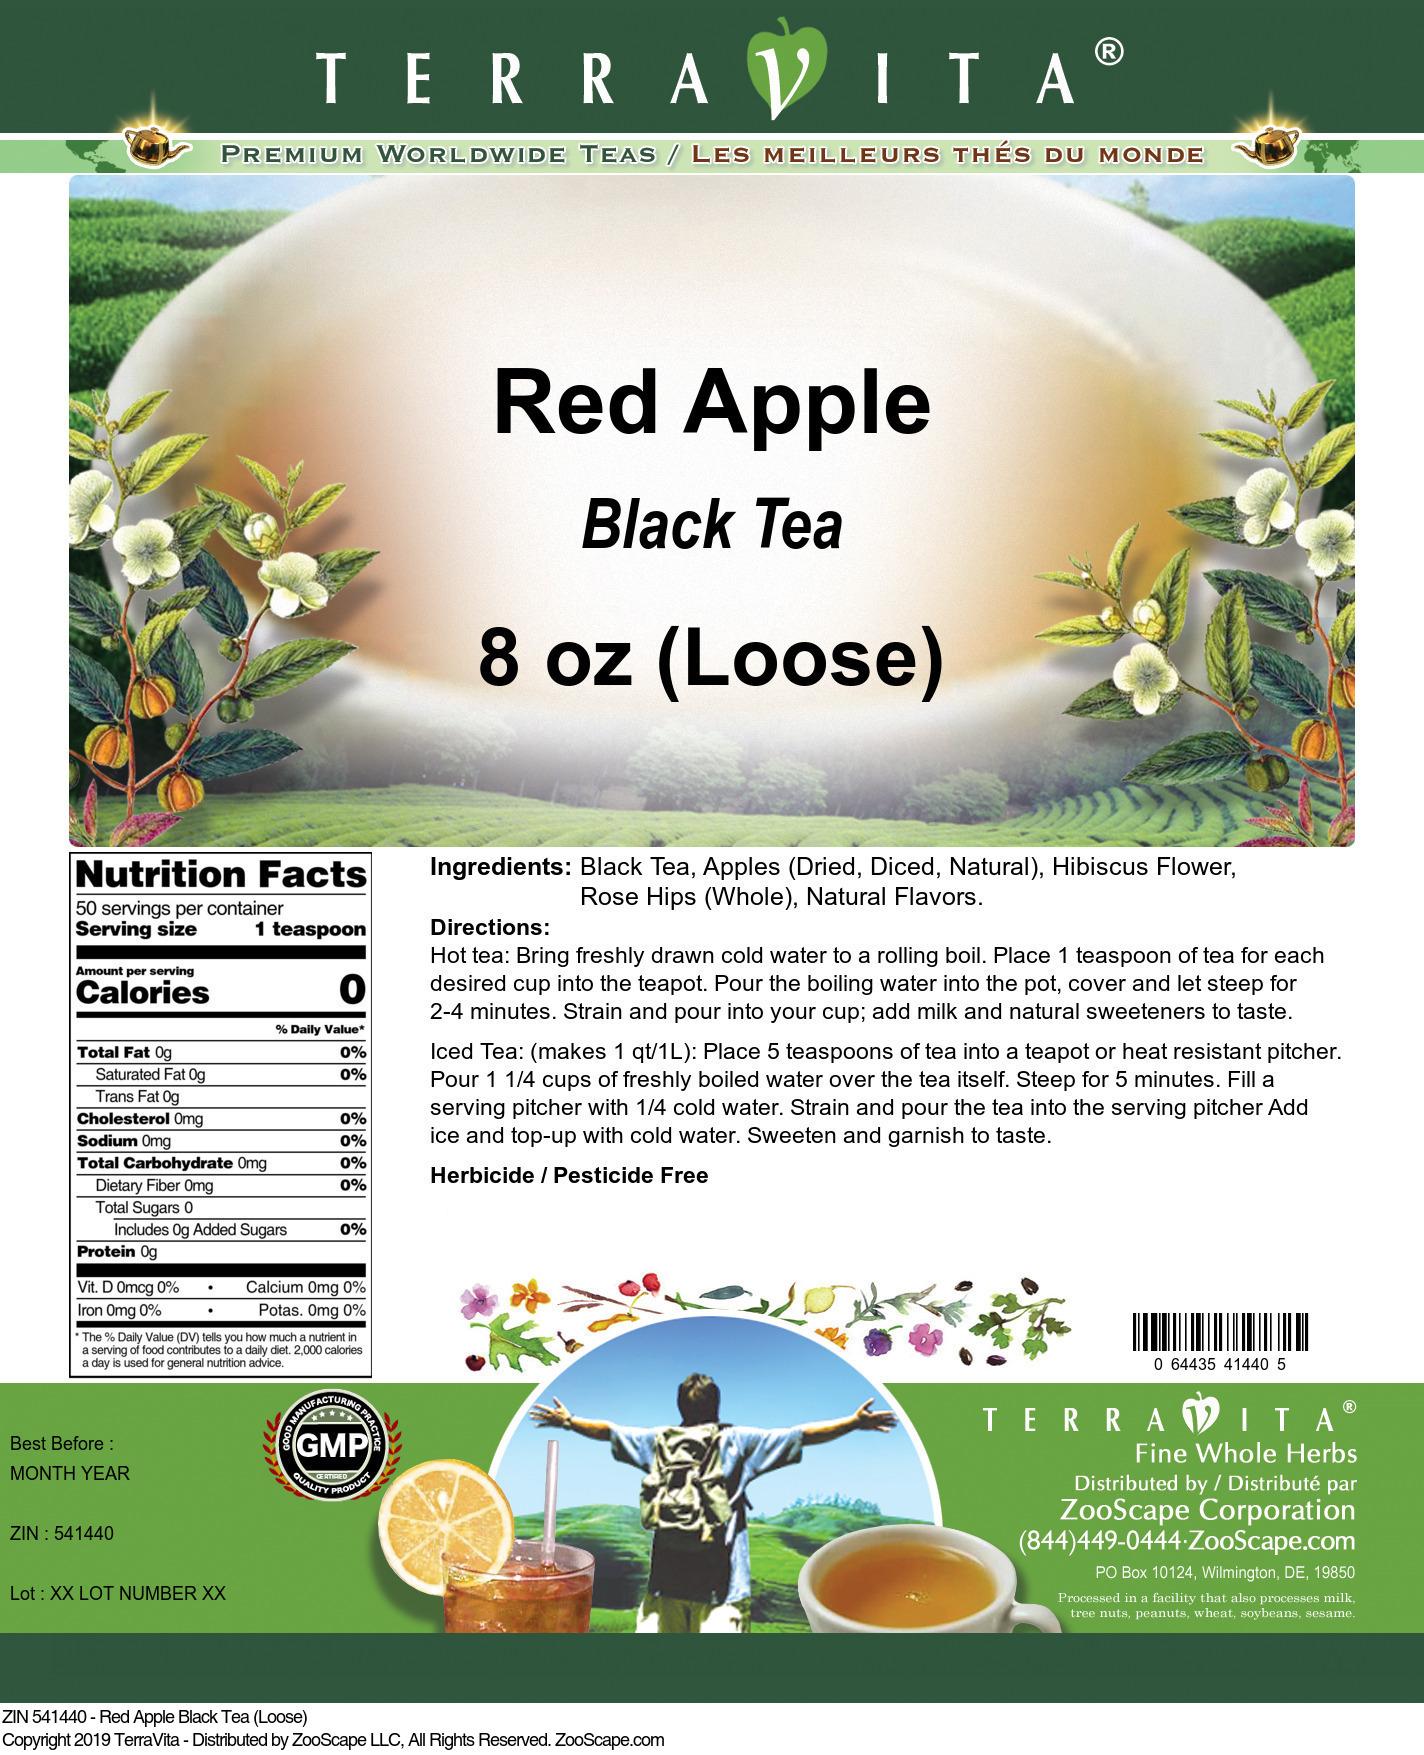 Red Apple Black Tea